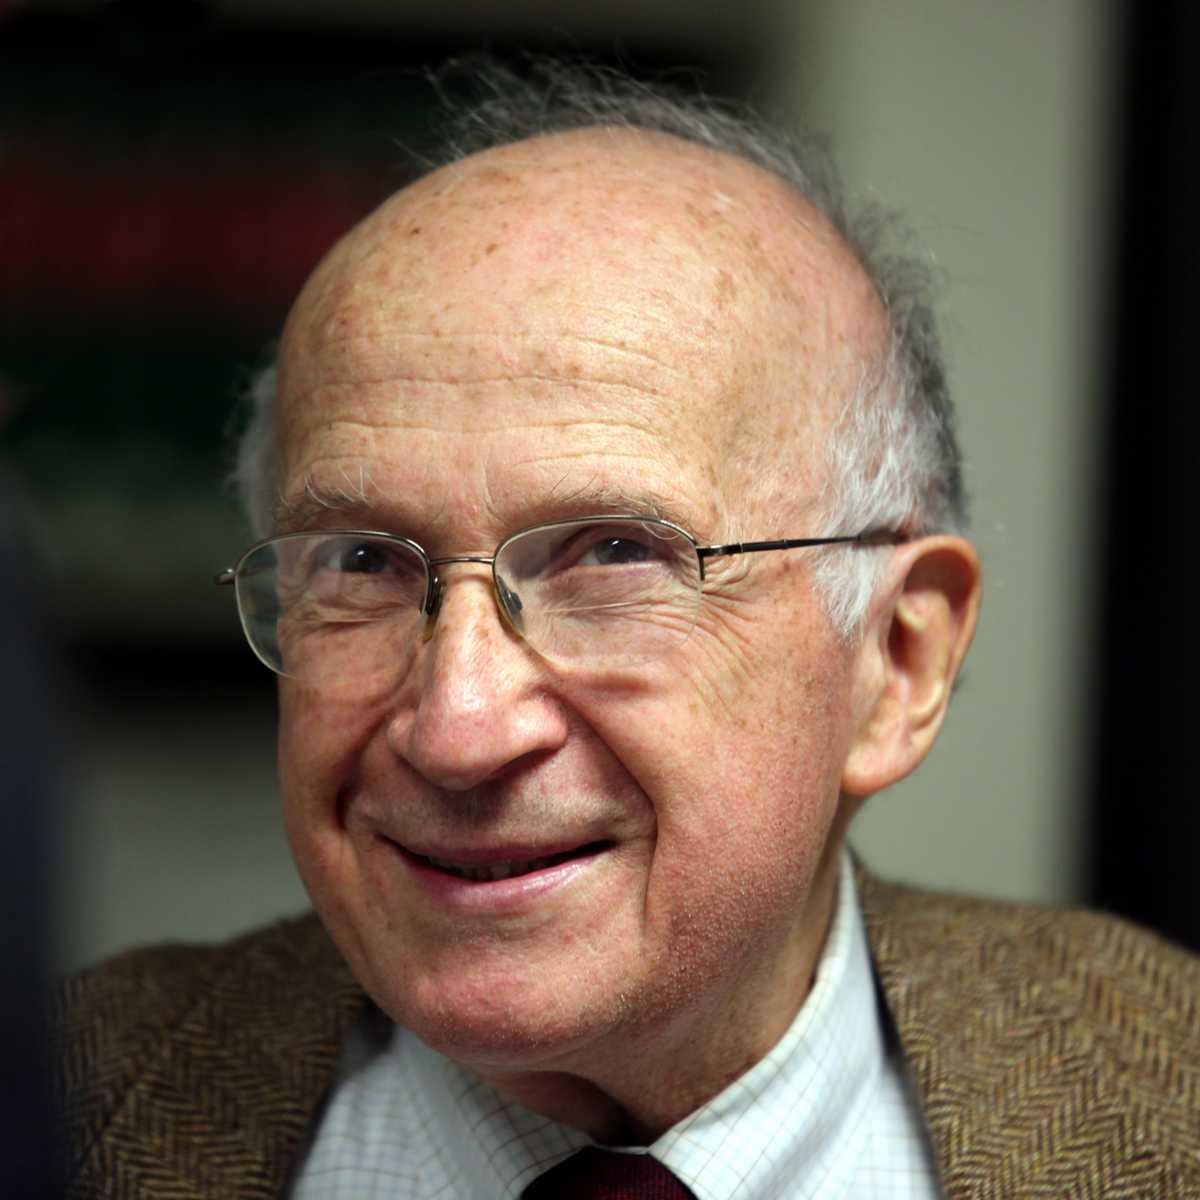 Нобелевские лауреаты из Украины: пять ученых и один писатель, получившие премию